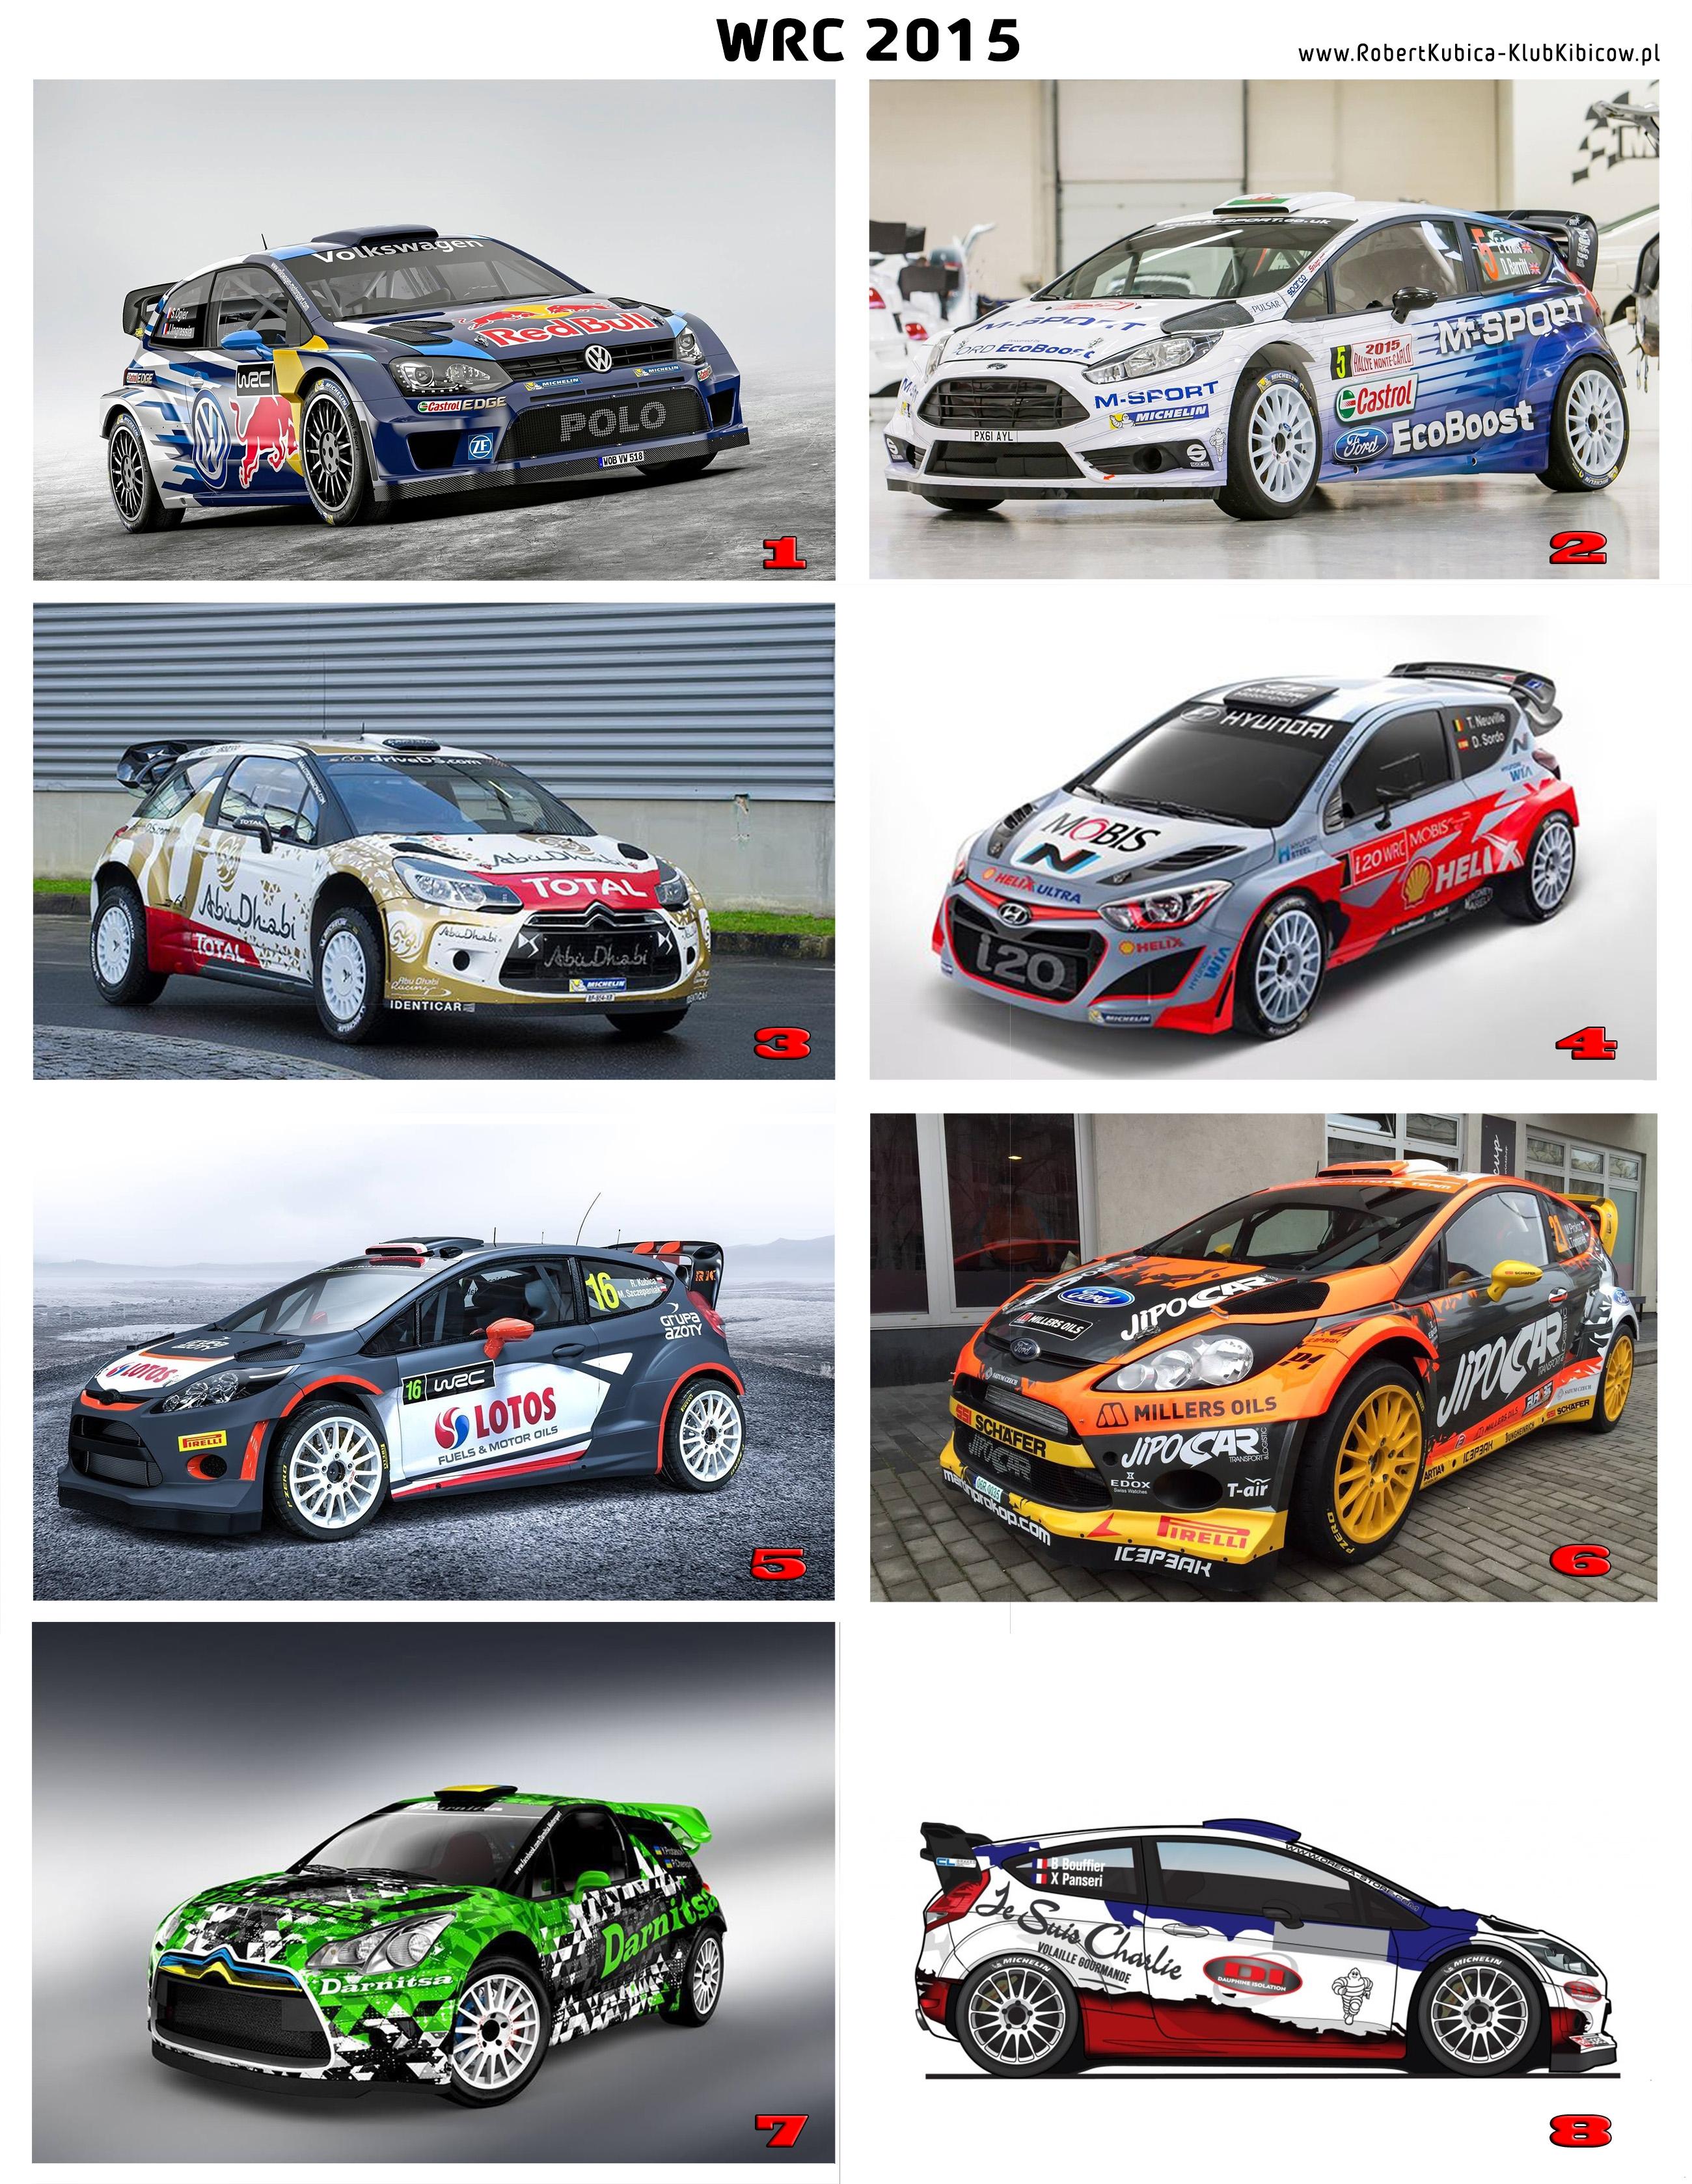 Malowania WRC 2015